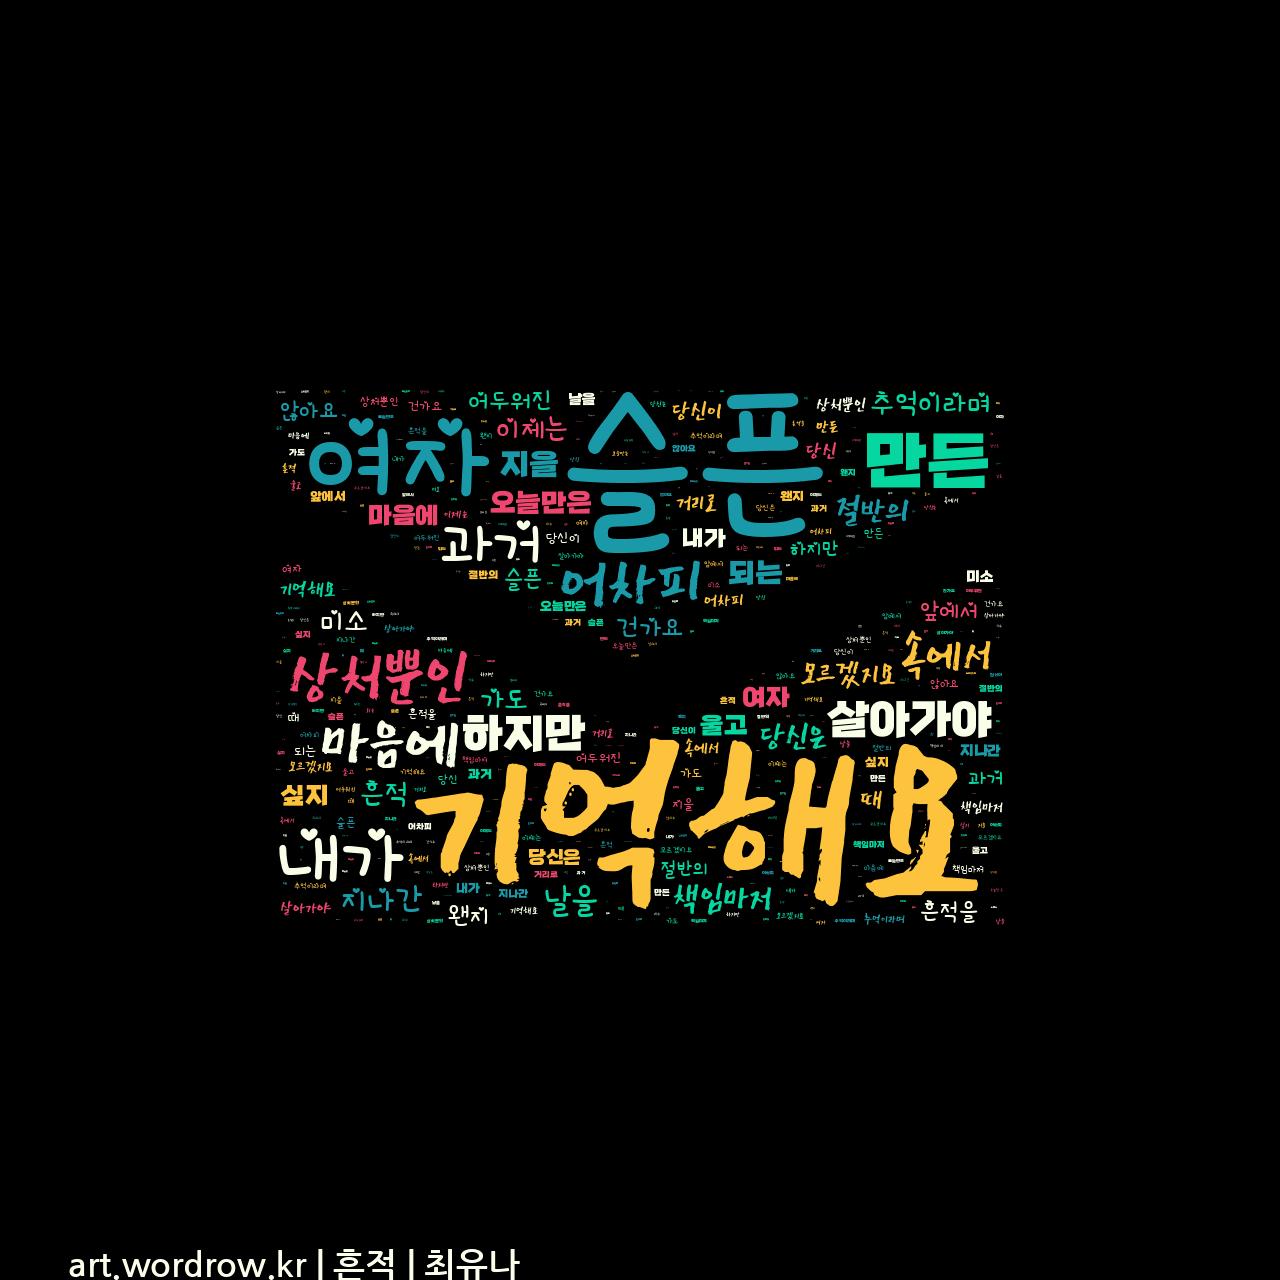 워드 클라우드: 흔적 [최유나]-25